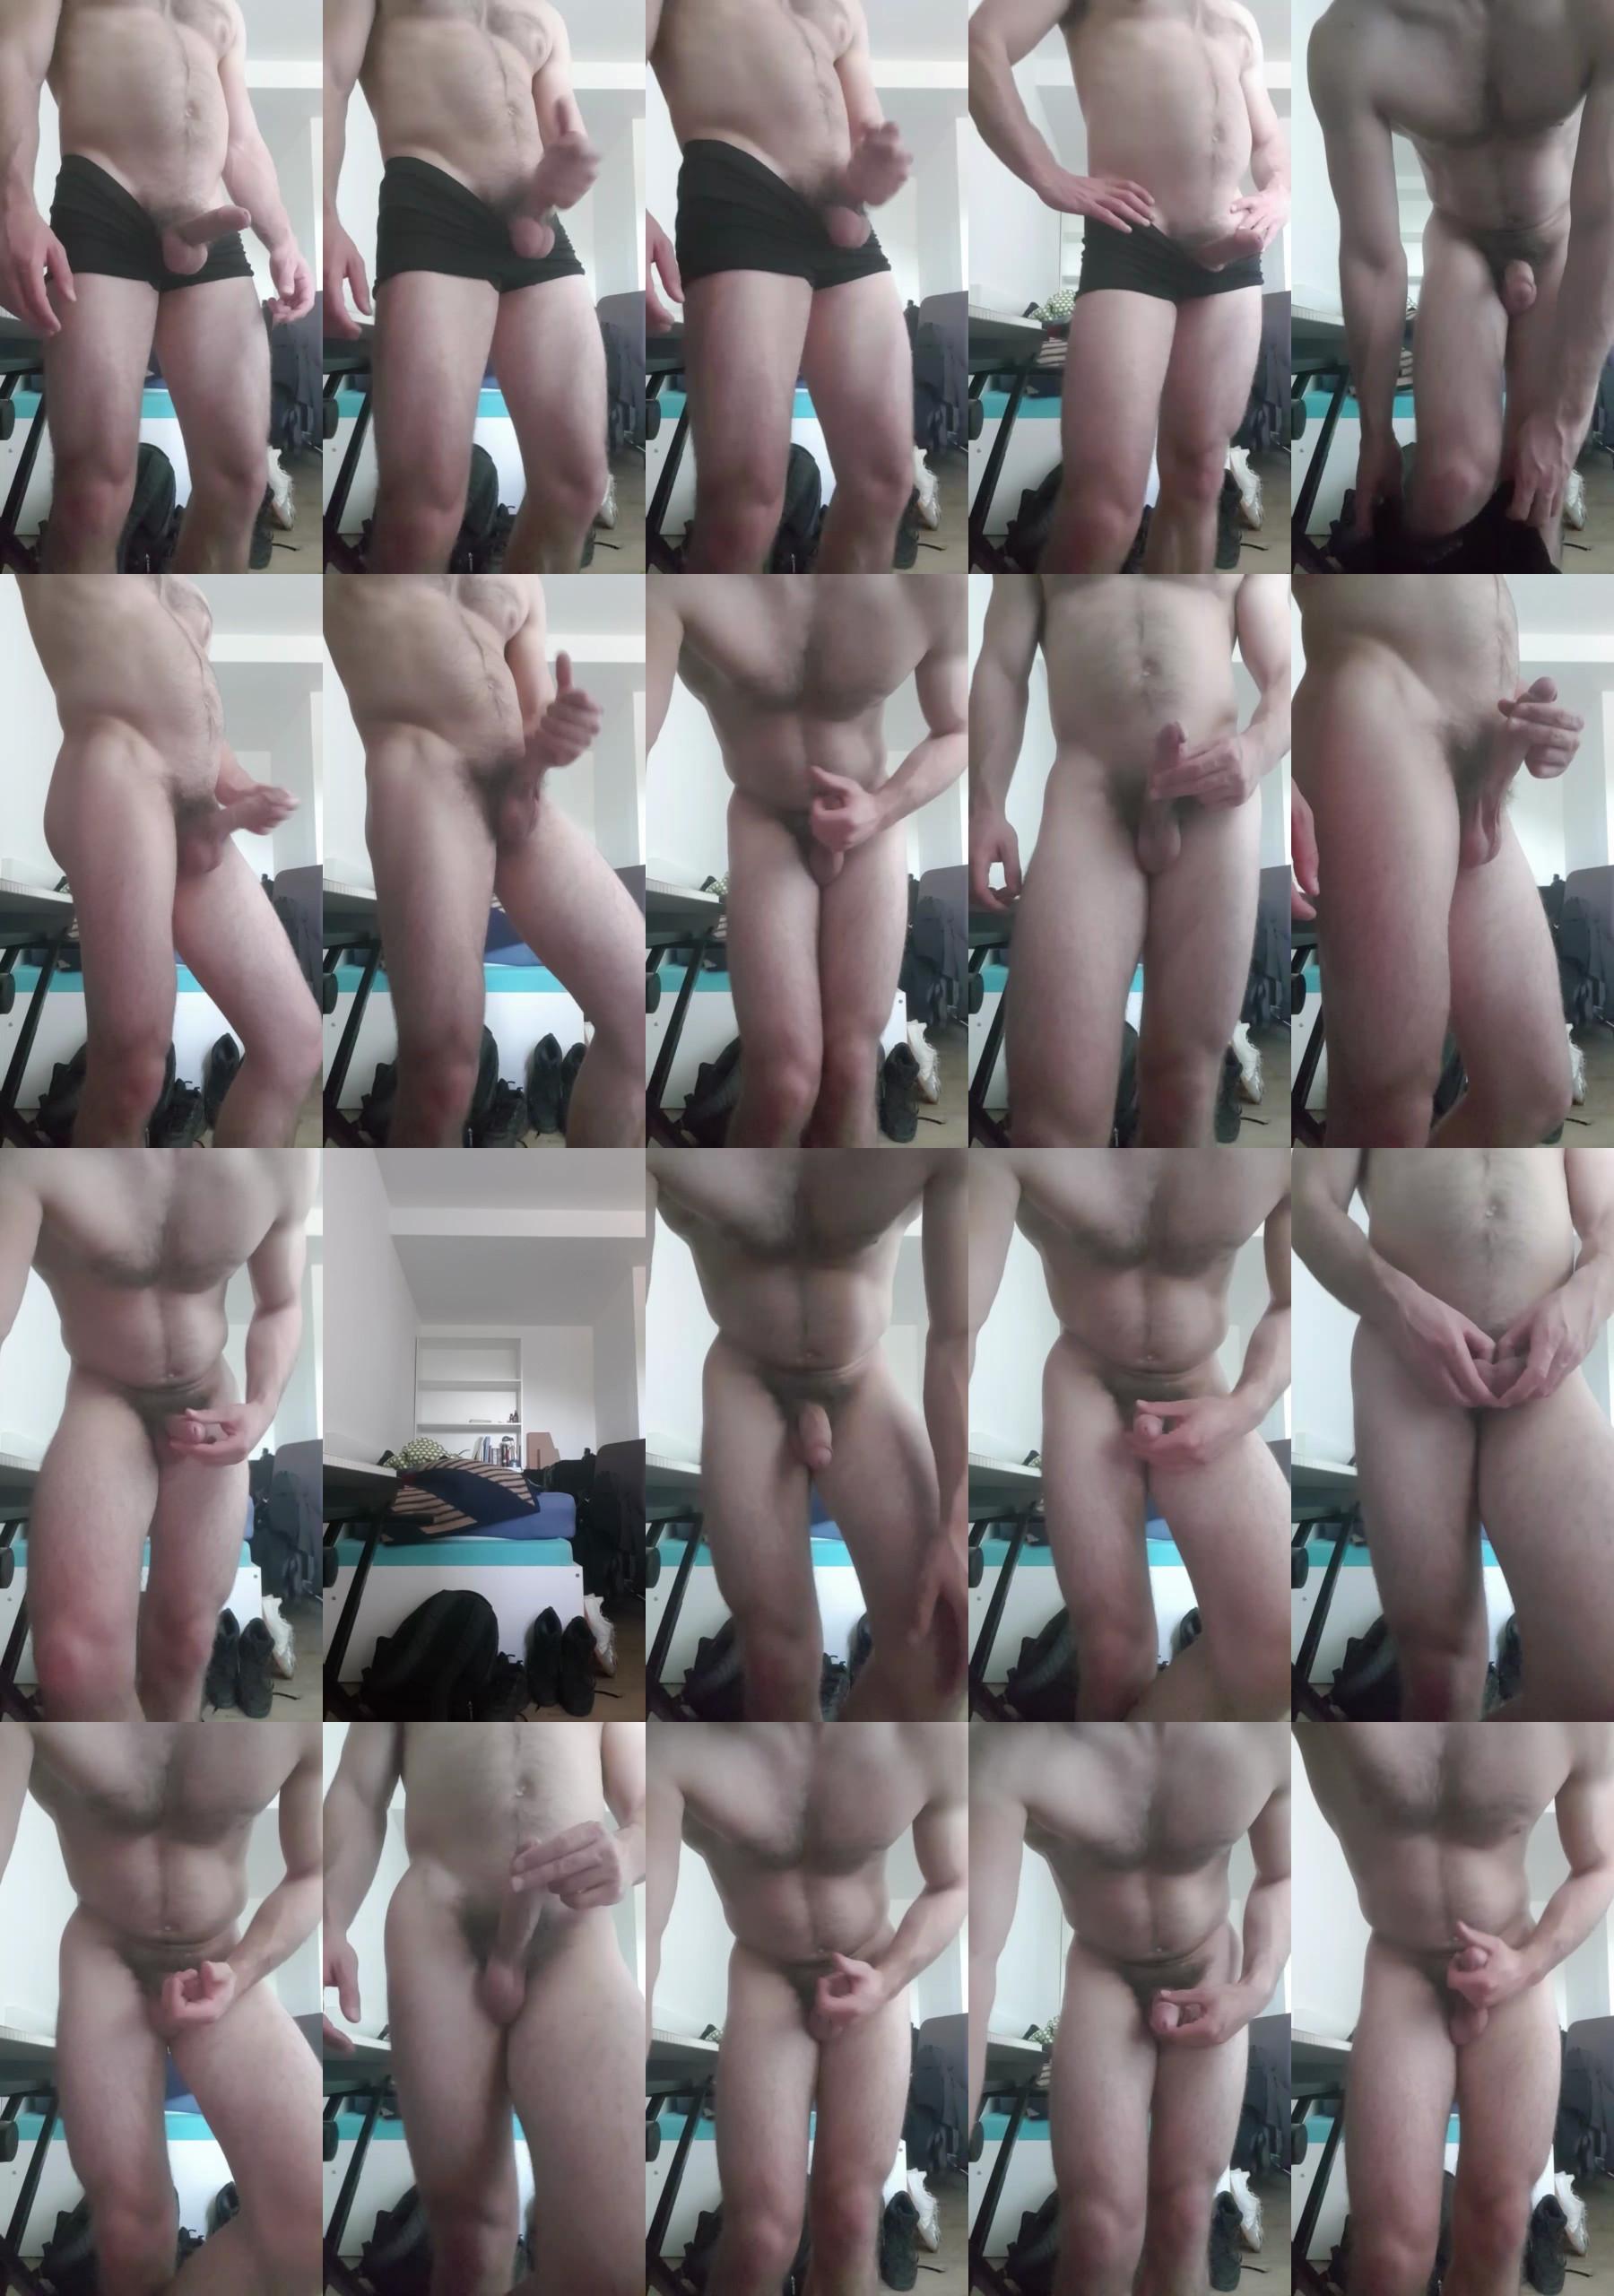 Mythics Webcam CAM SHOW @ Cam4 13-06-2021